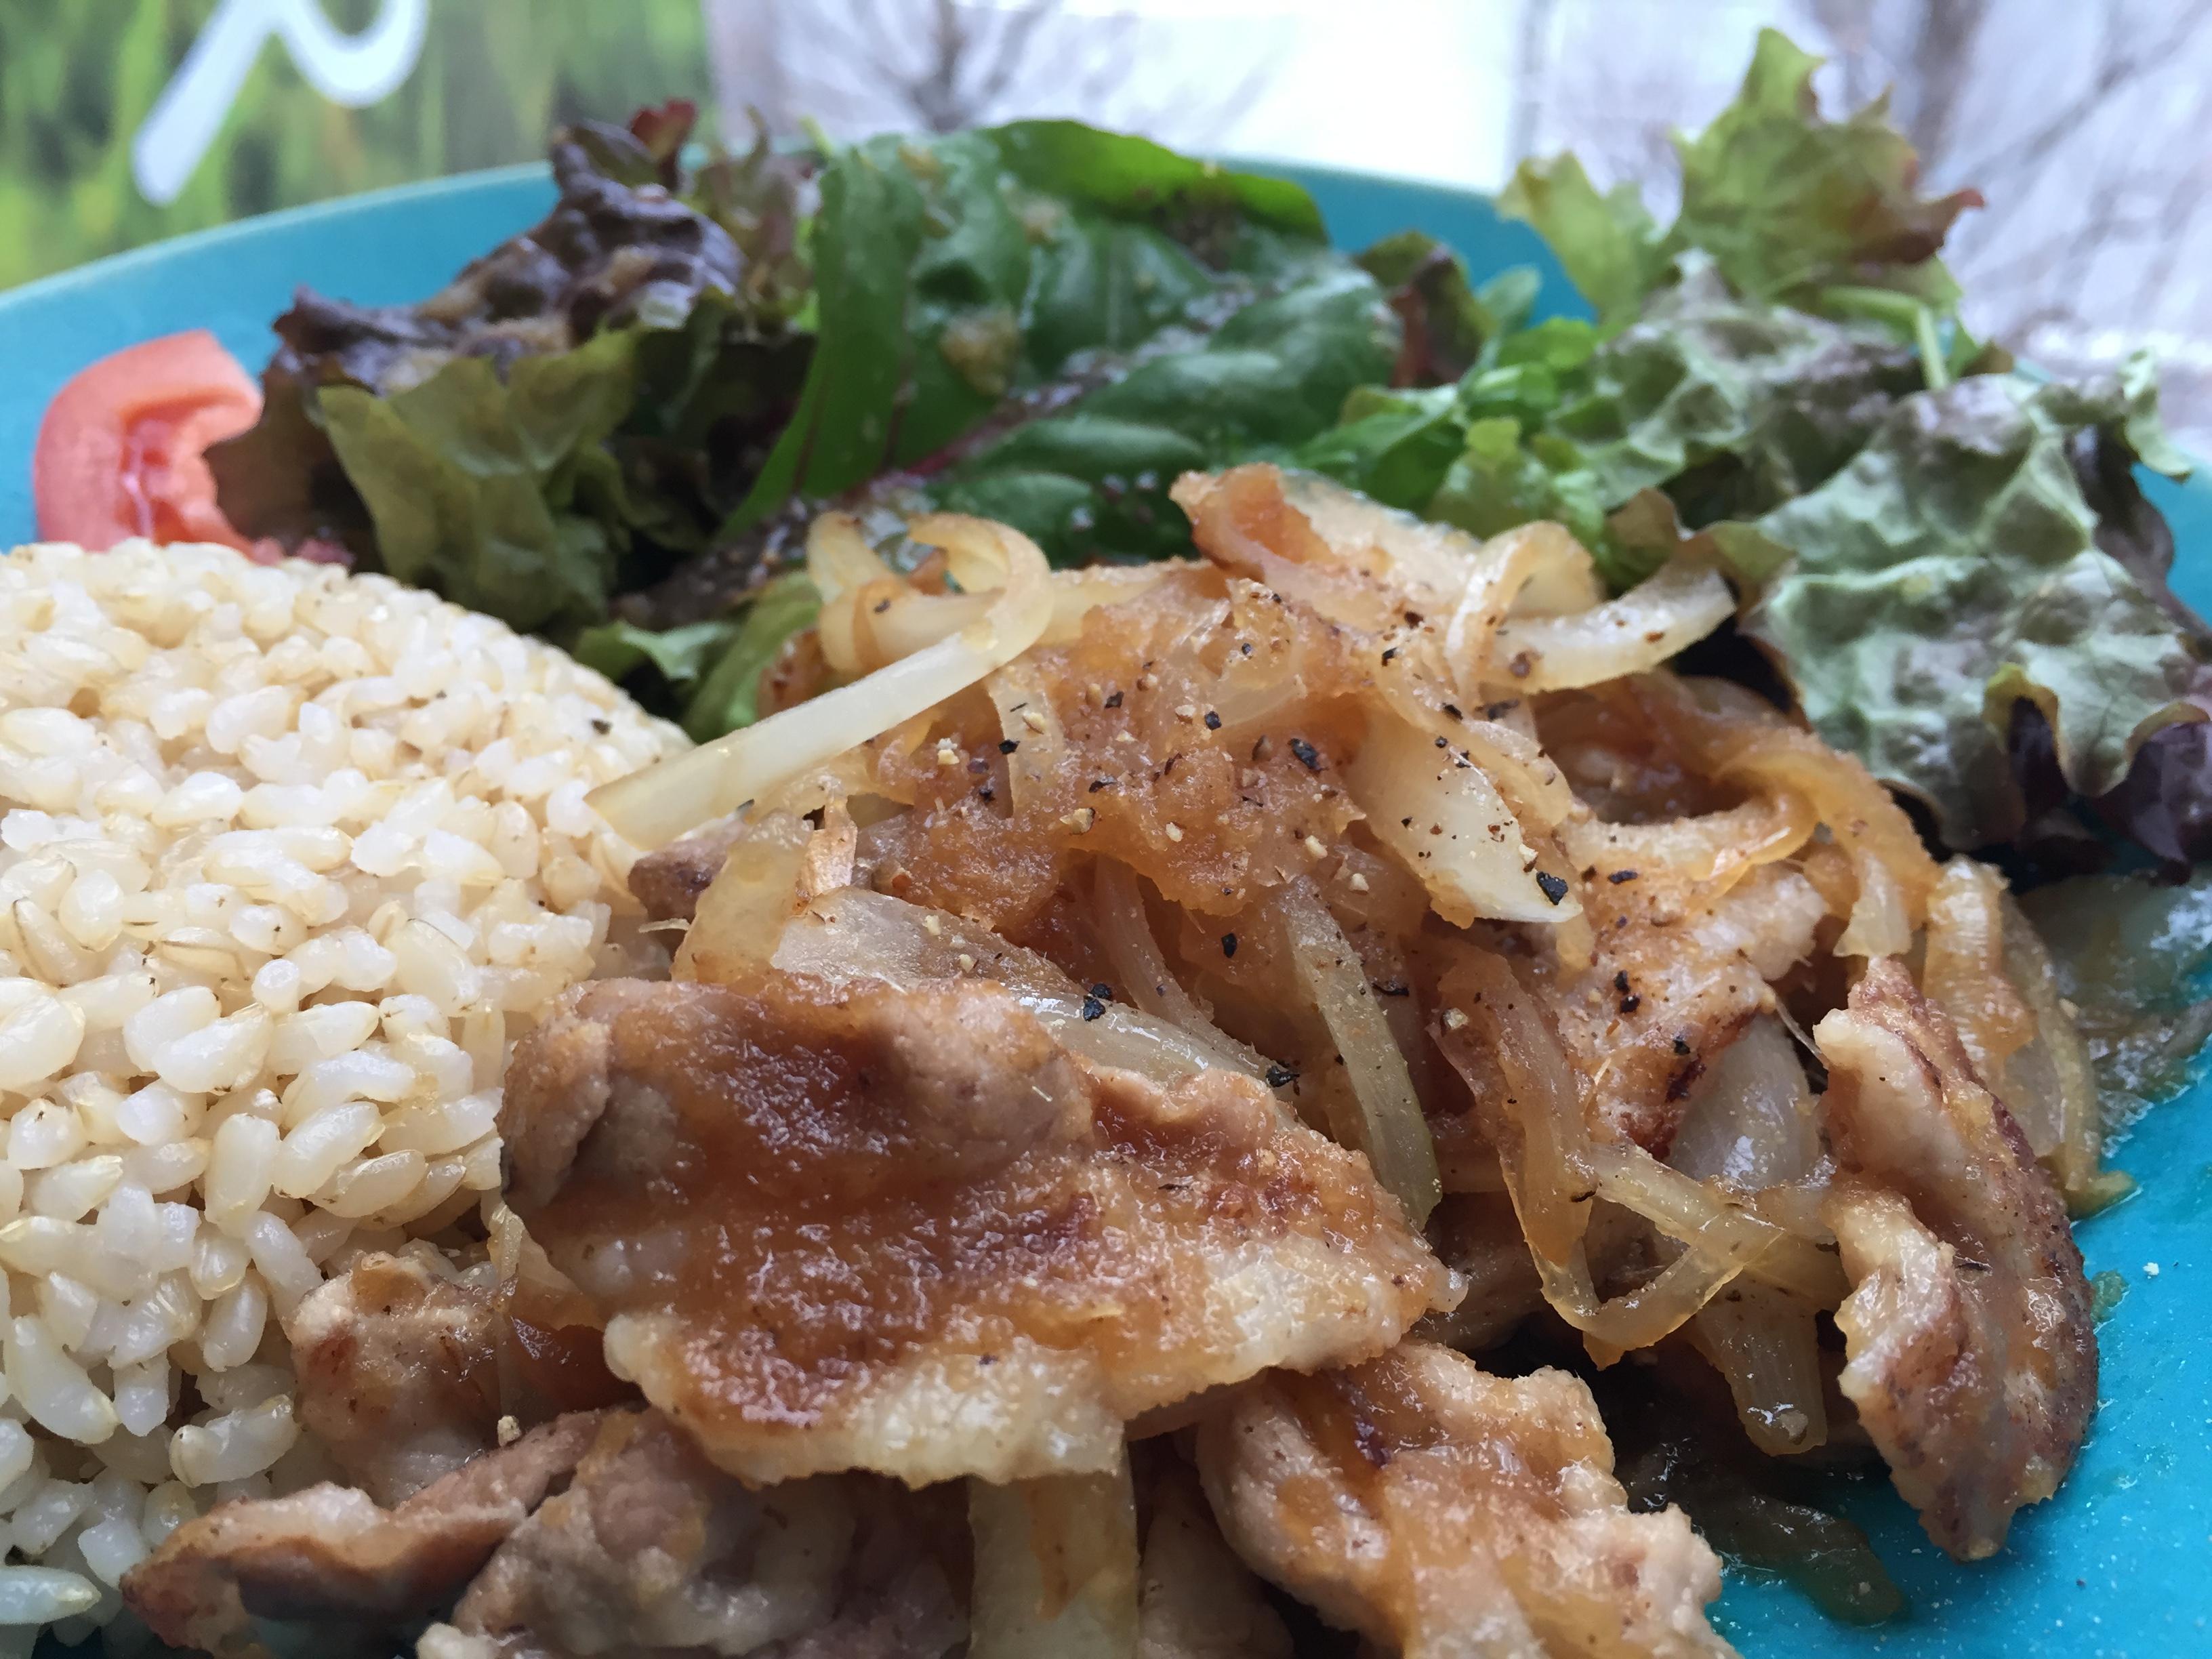 【アンバサダーブログVol.4】</br>一度は食べていただきたい!魅惑の「豚の生姜焼き定食」